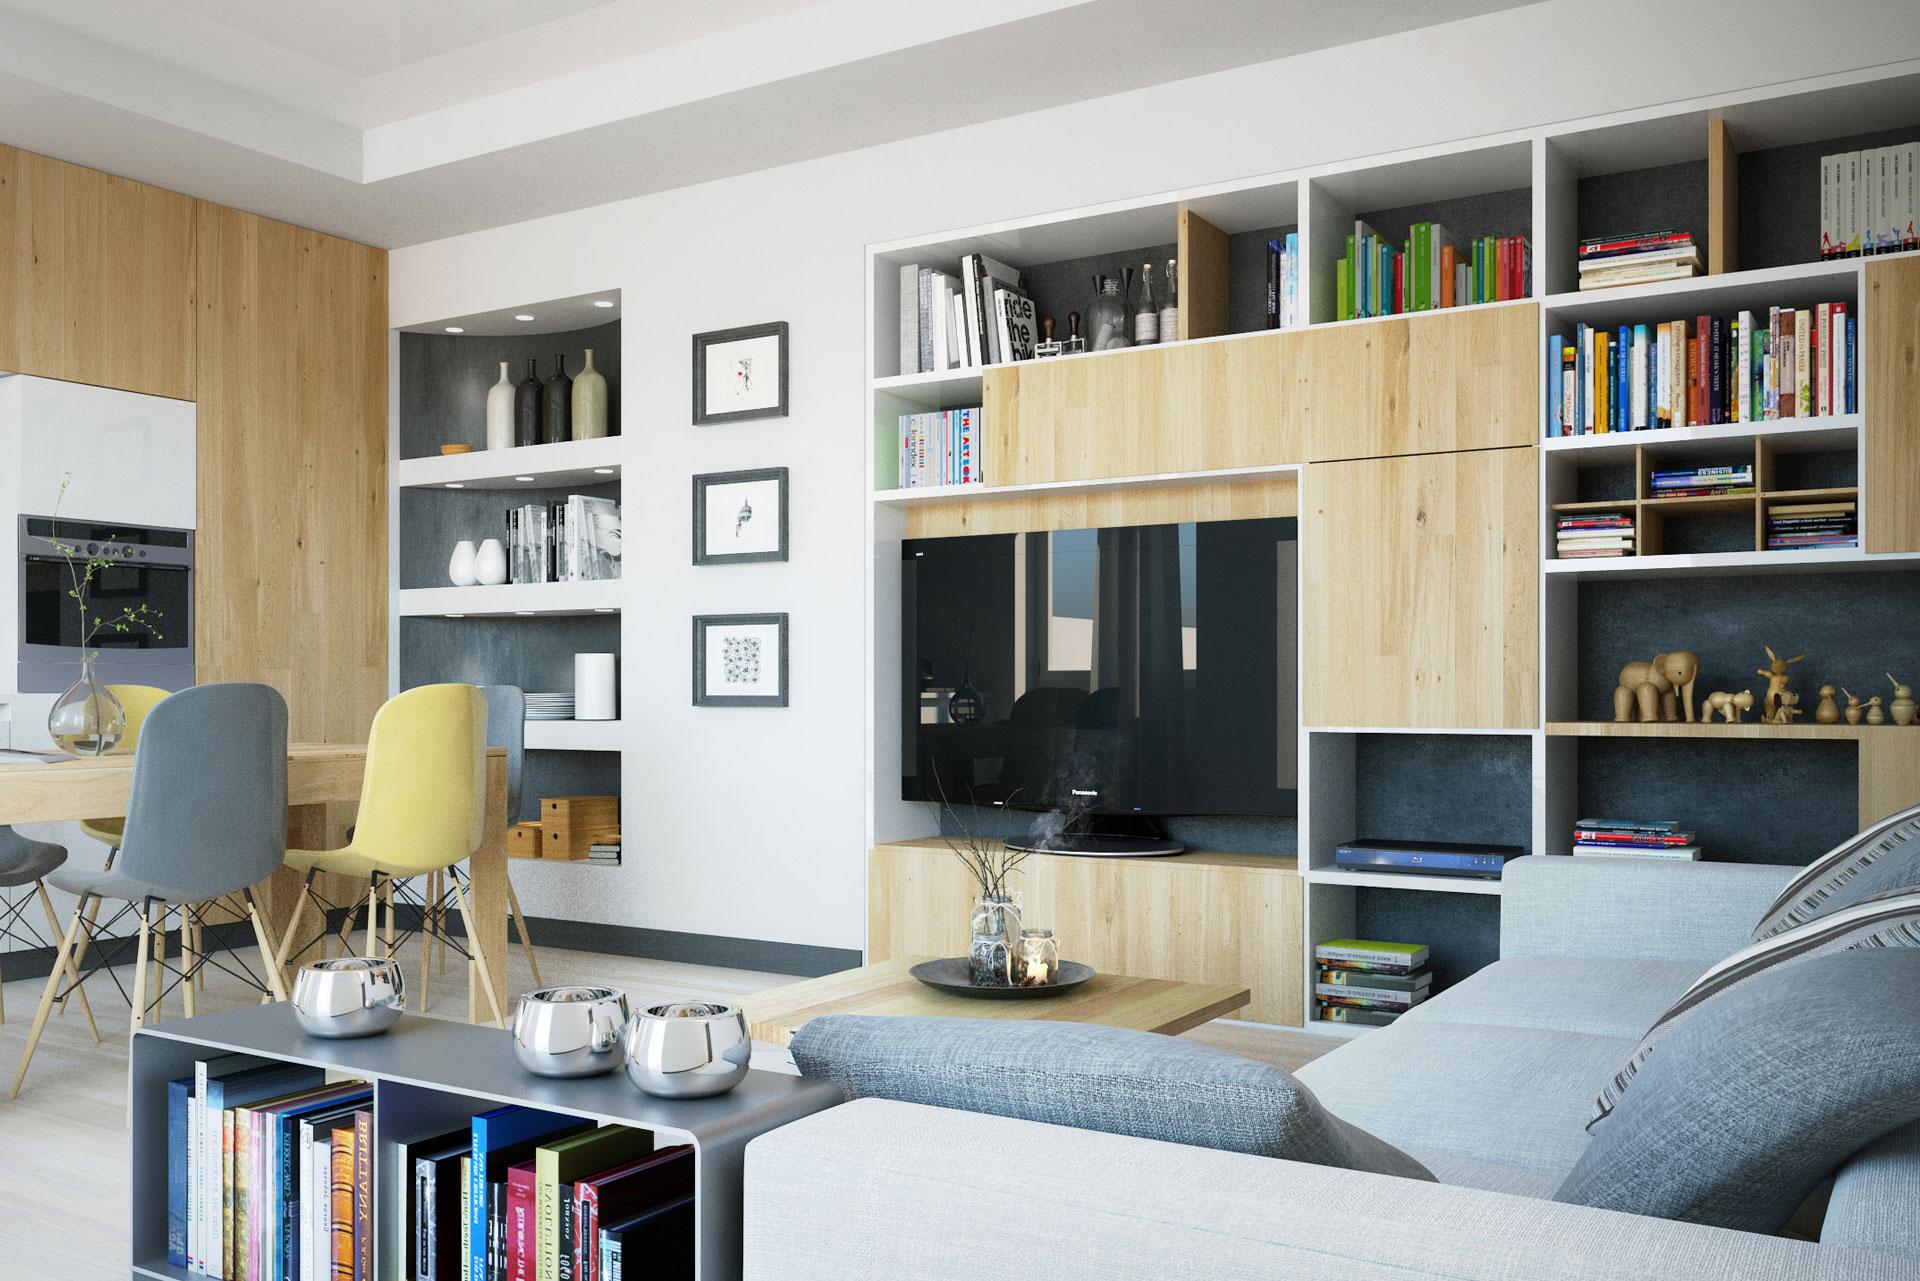 vista-soggiorno-cucina - Giuseppe Balzani Architetto